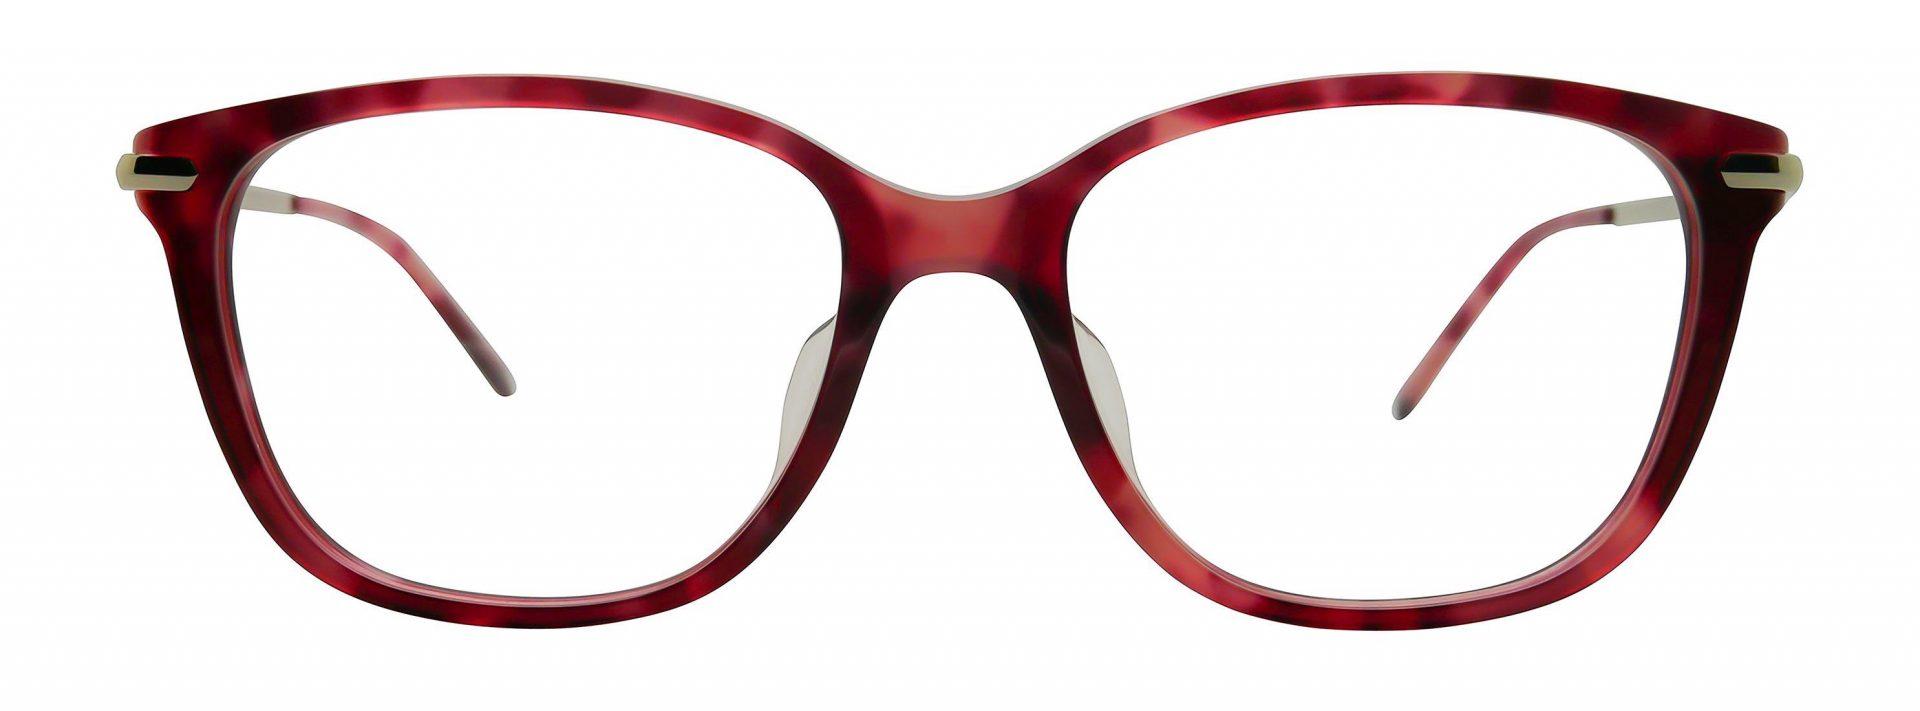 Elle Spectacles 14388 01